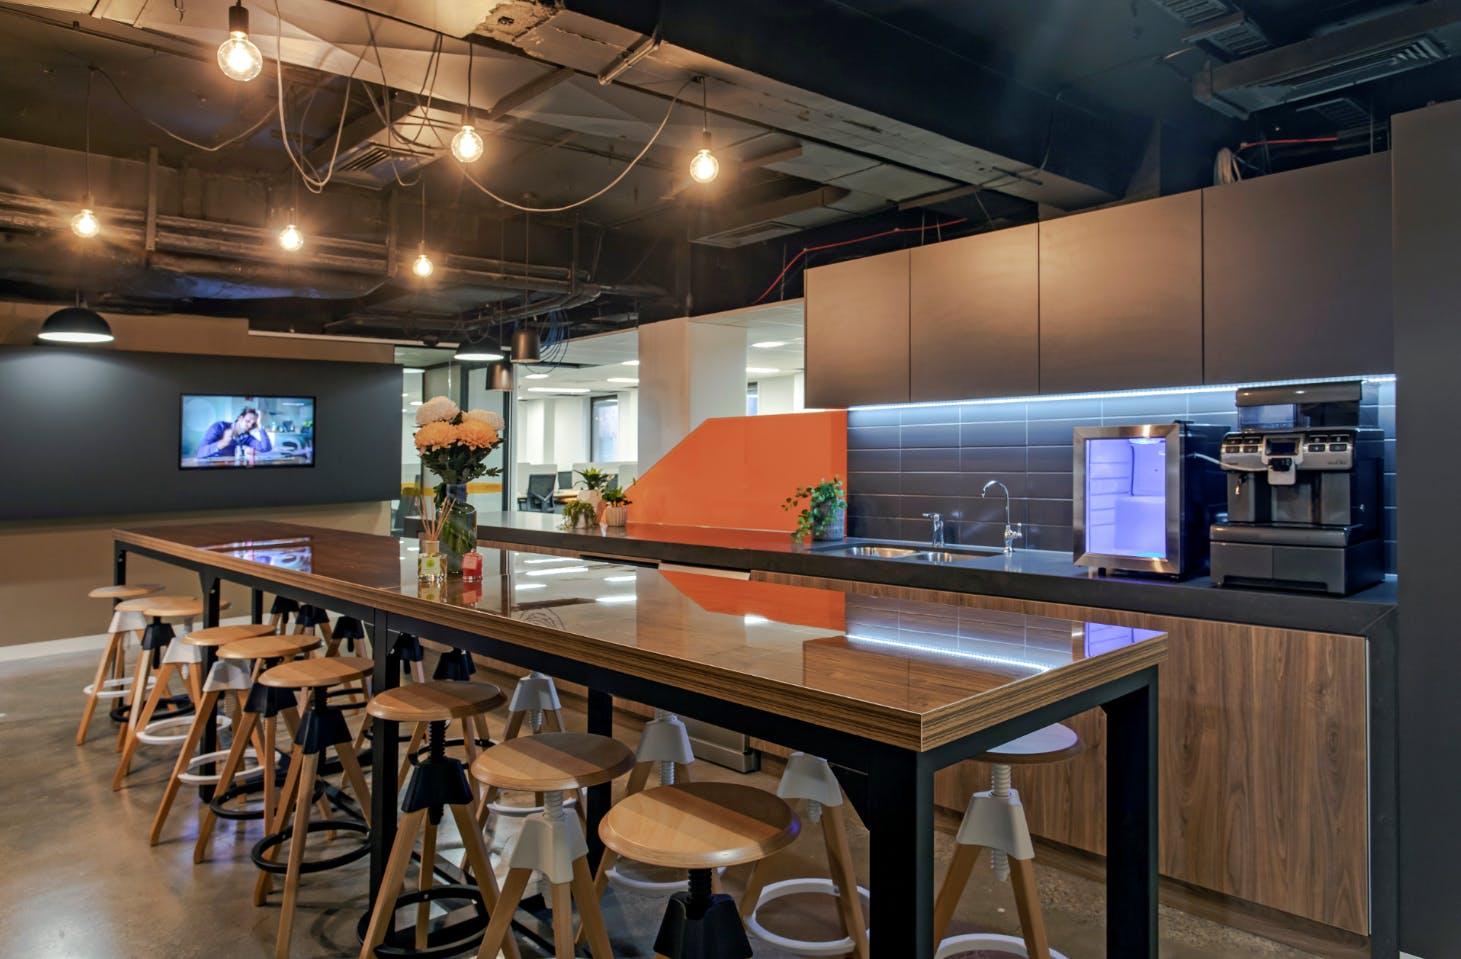 Hot Desk, hot desk at Spot Co-Working, image 5